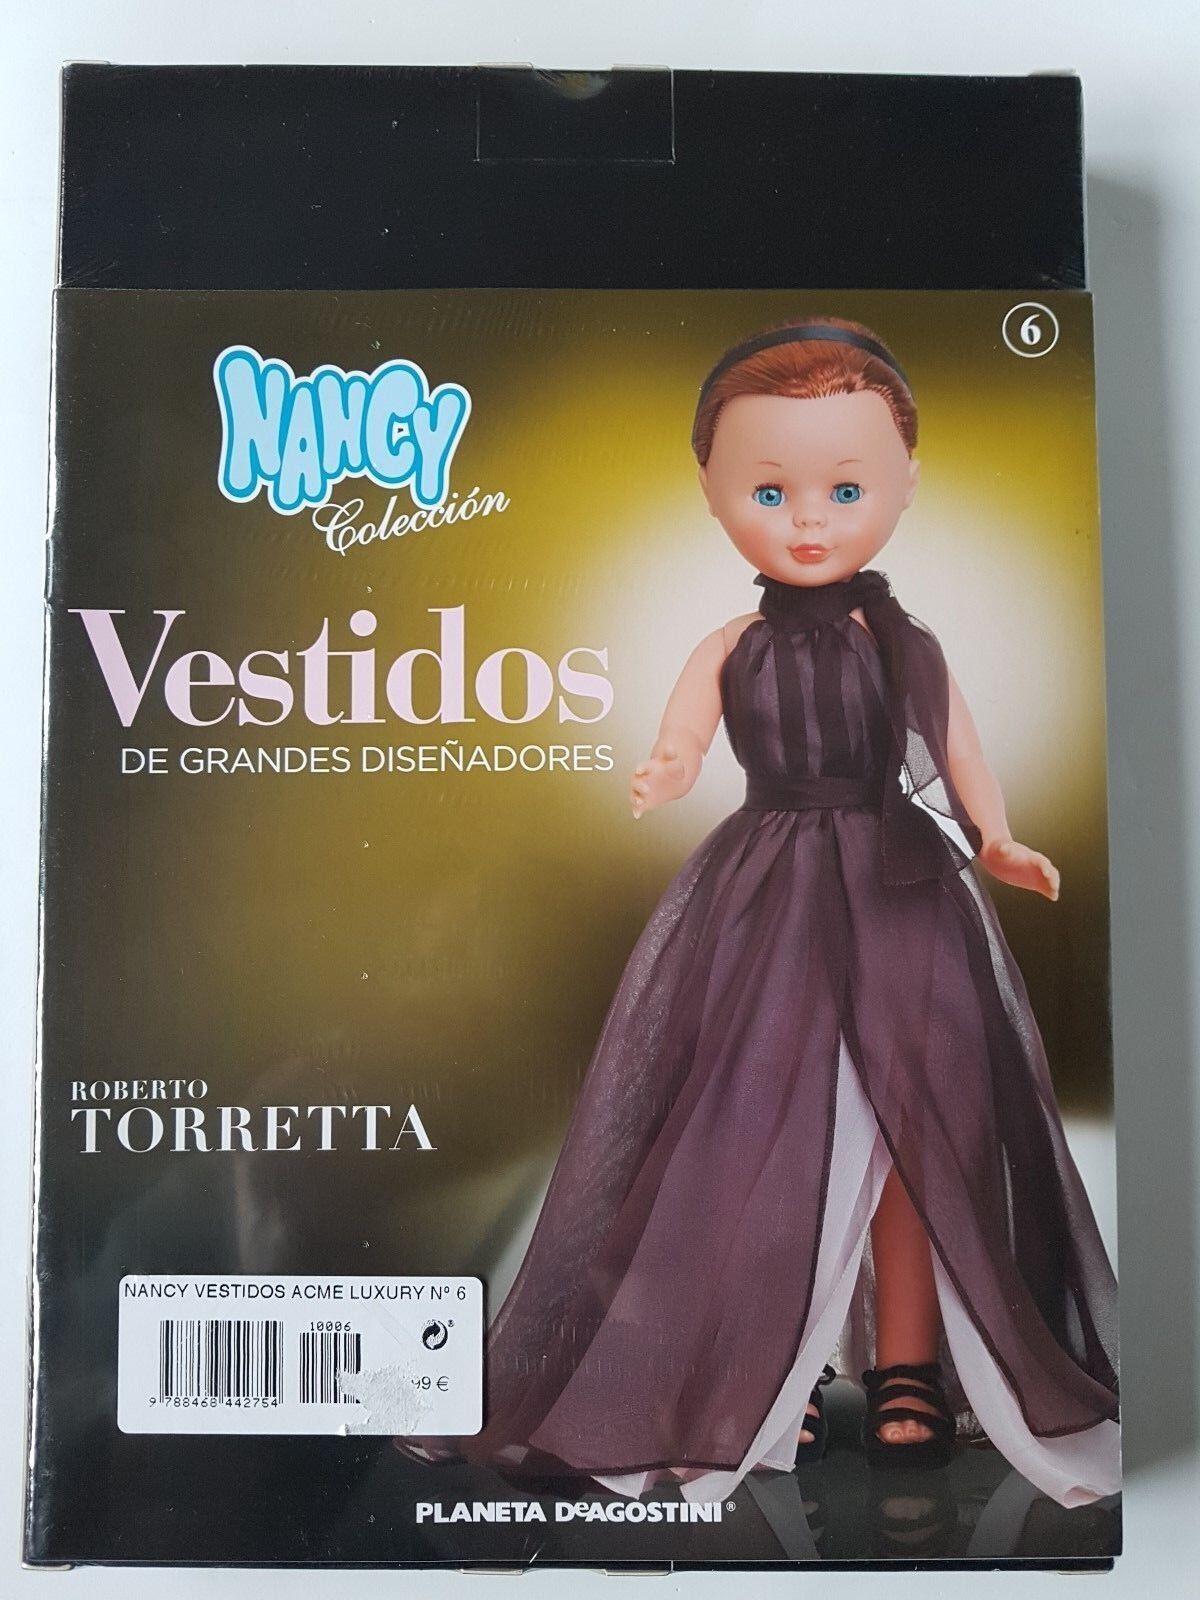 Muñecas Nancy Coleccion Vestidos Grandes Diseñadores Vestido N6 Roberto Torretta